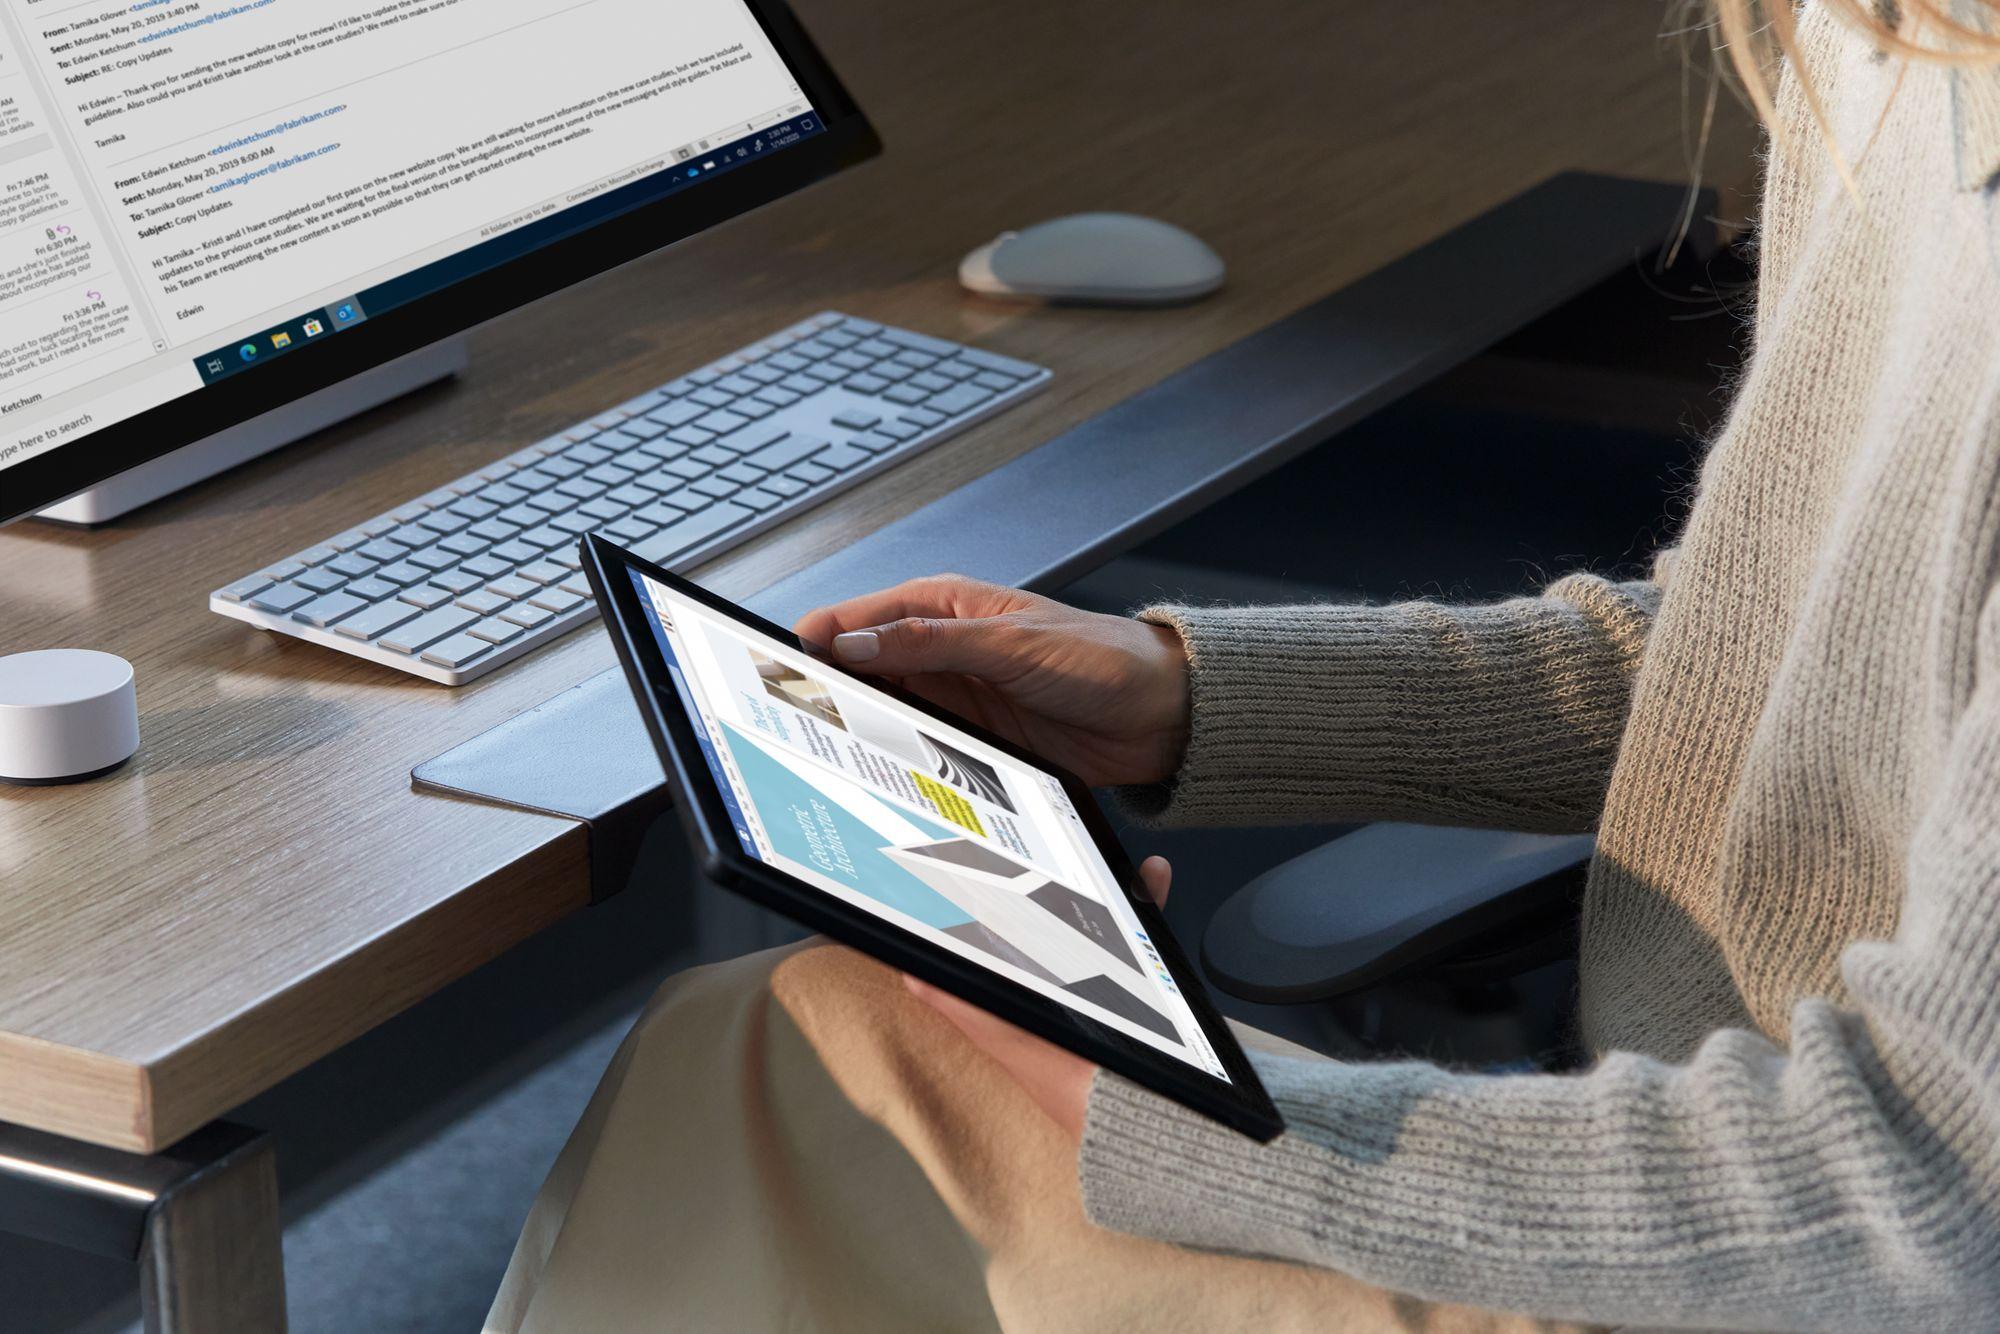 Eine Frau sitzt an einem Schreibtisch und hält ein Surface Pro in der Hand, auf dem Schreibtisch ist ein Surface Studio inklusive Zubehör platziert